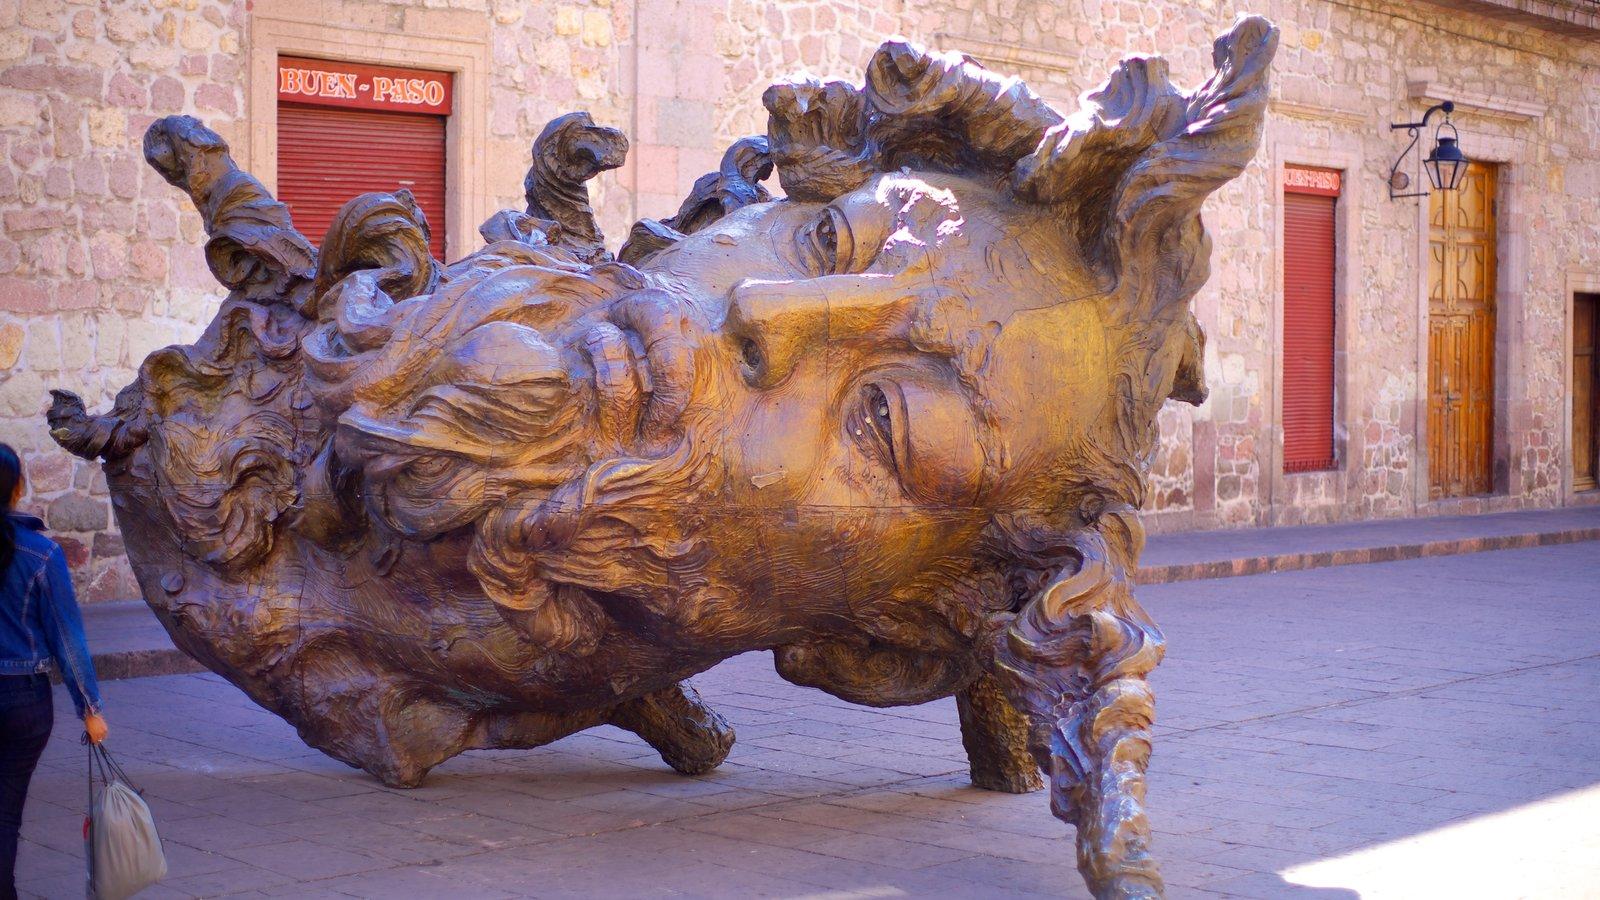 Morelia que incluye una estatua o escultura y arte al aire libre